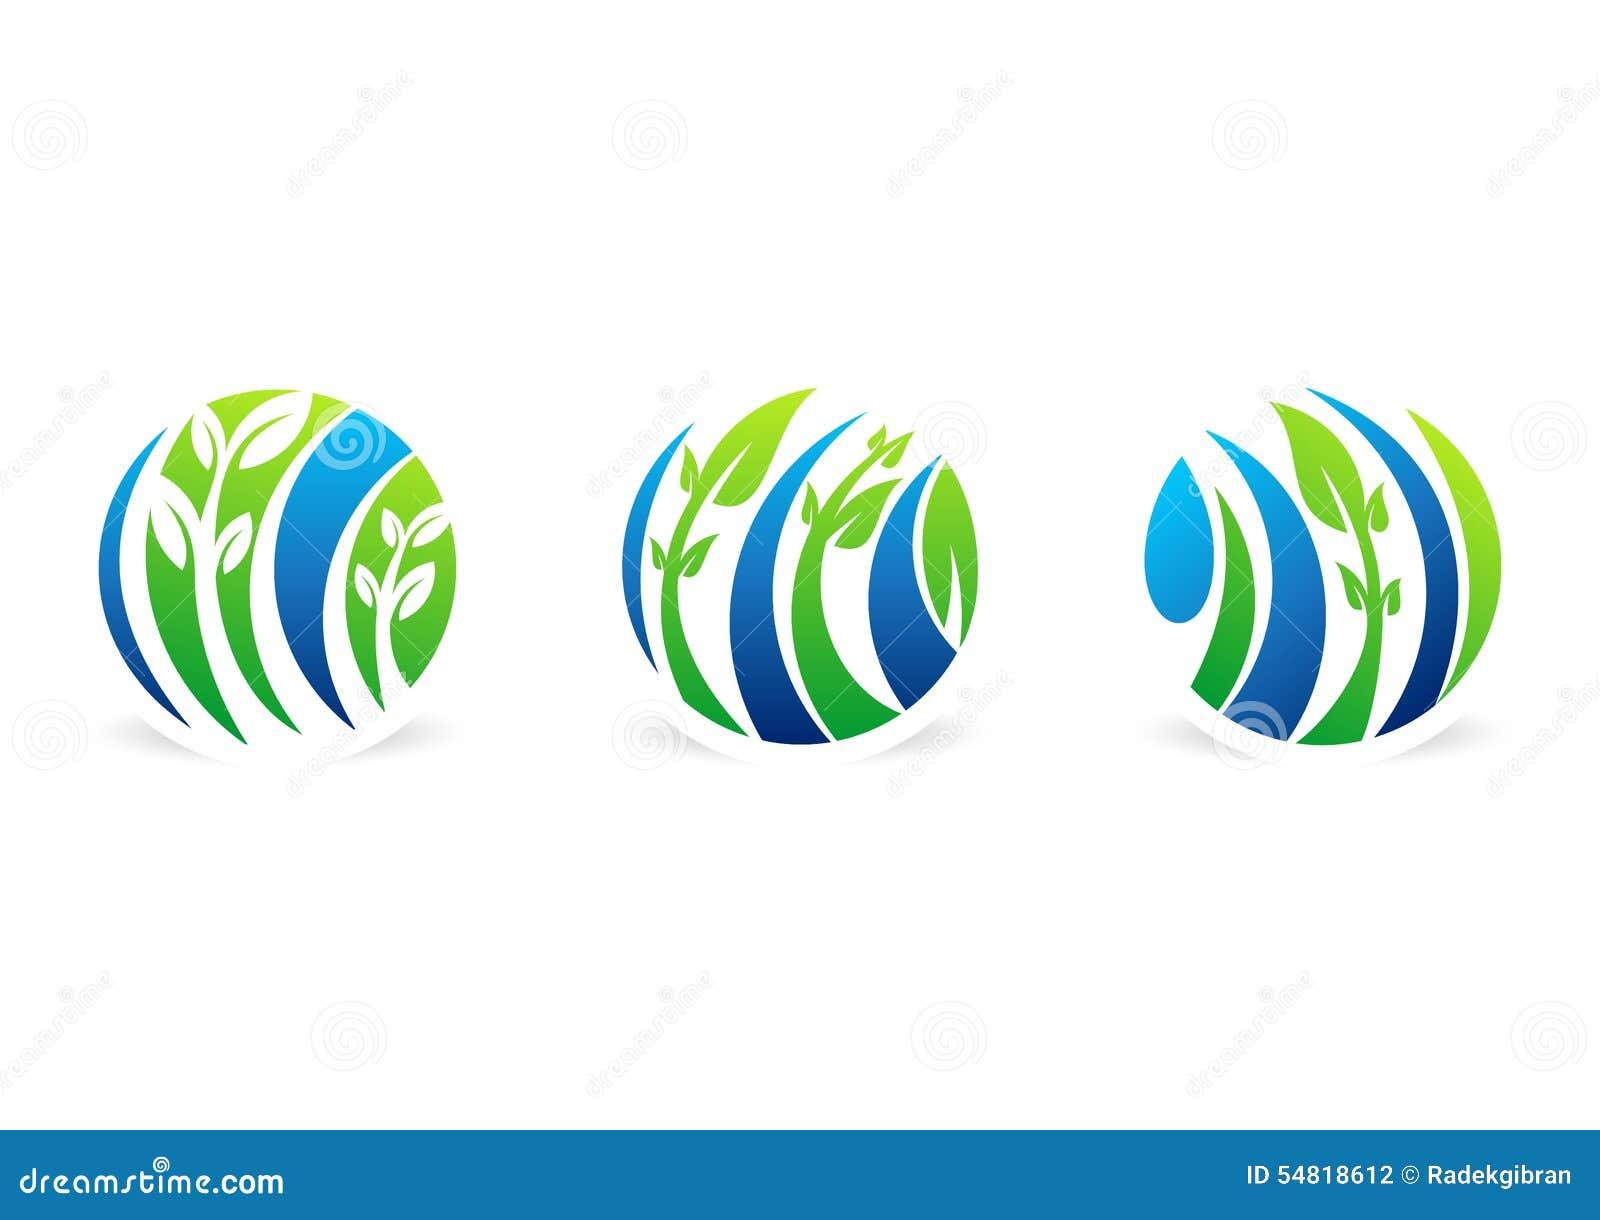 Kreisen Sie Betriebslogo, Rohwassertropfen, Wasser, Blatt, globaler Ikonendesignvektor des gesetzten Symbols der Ökologienatur ei